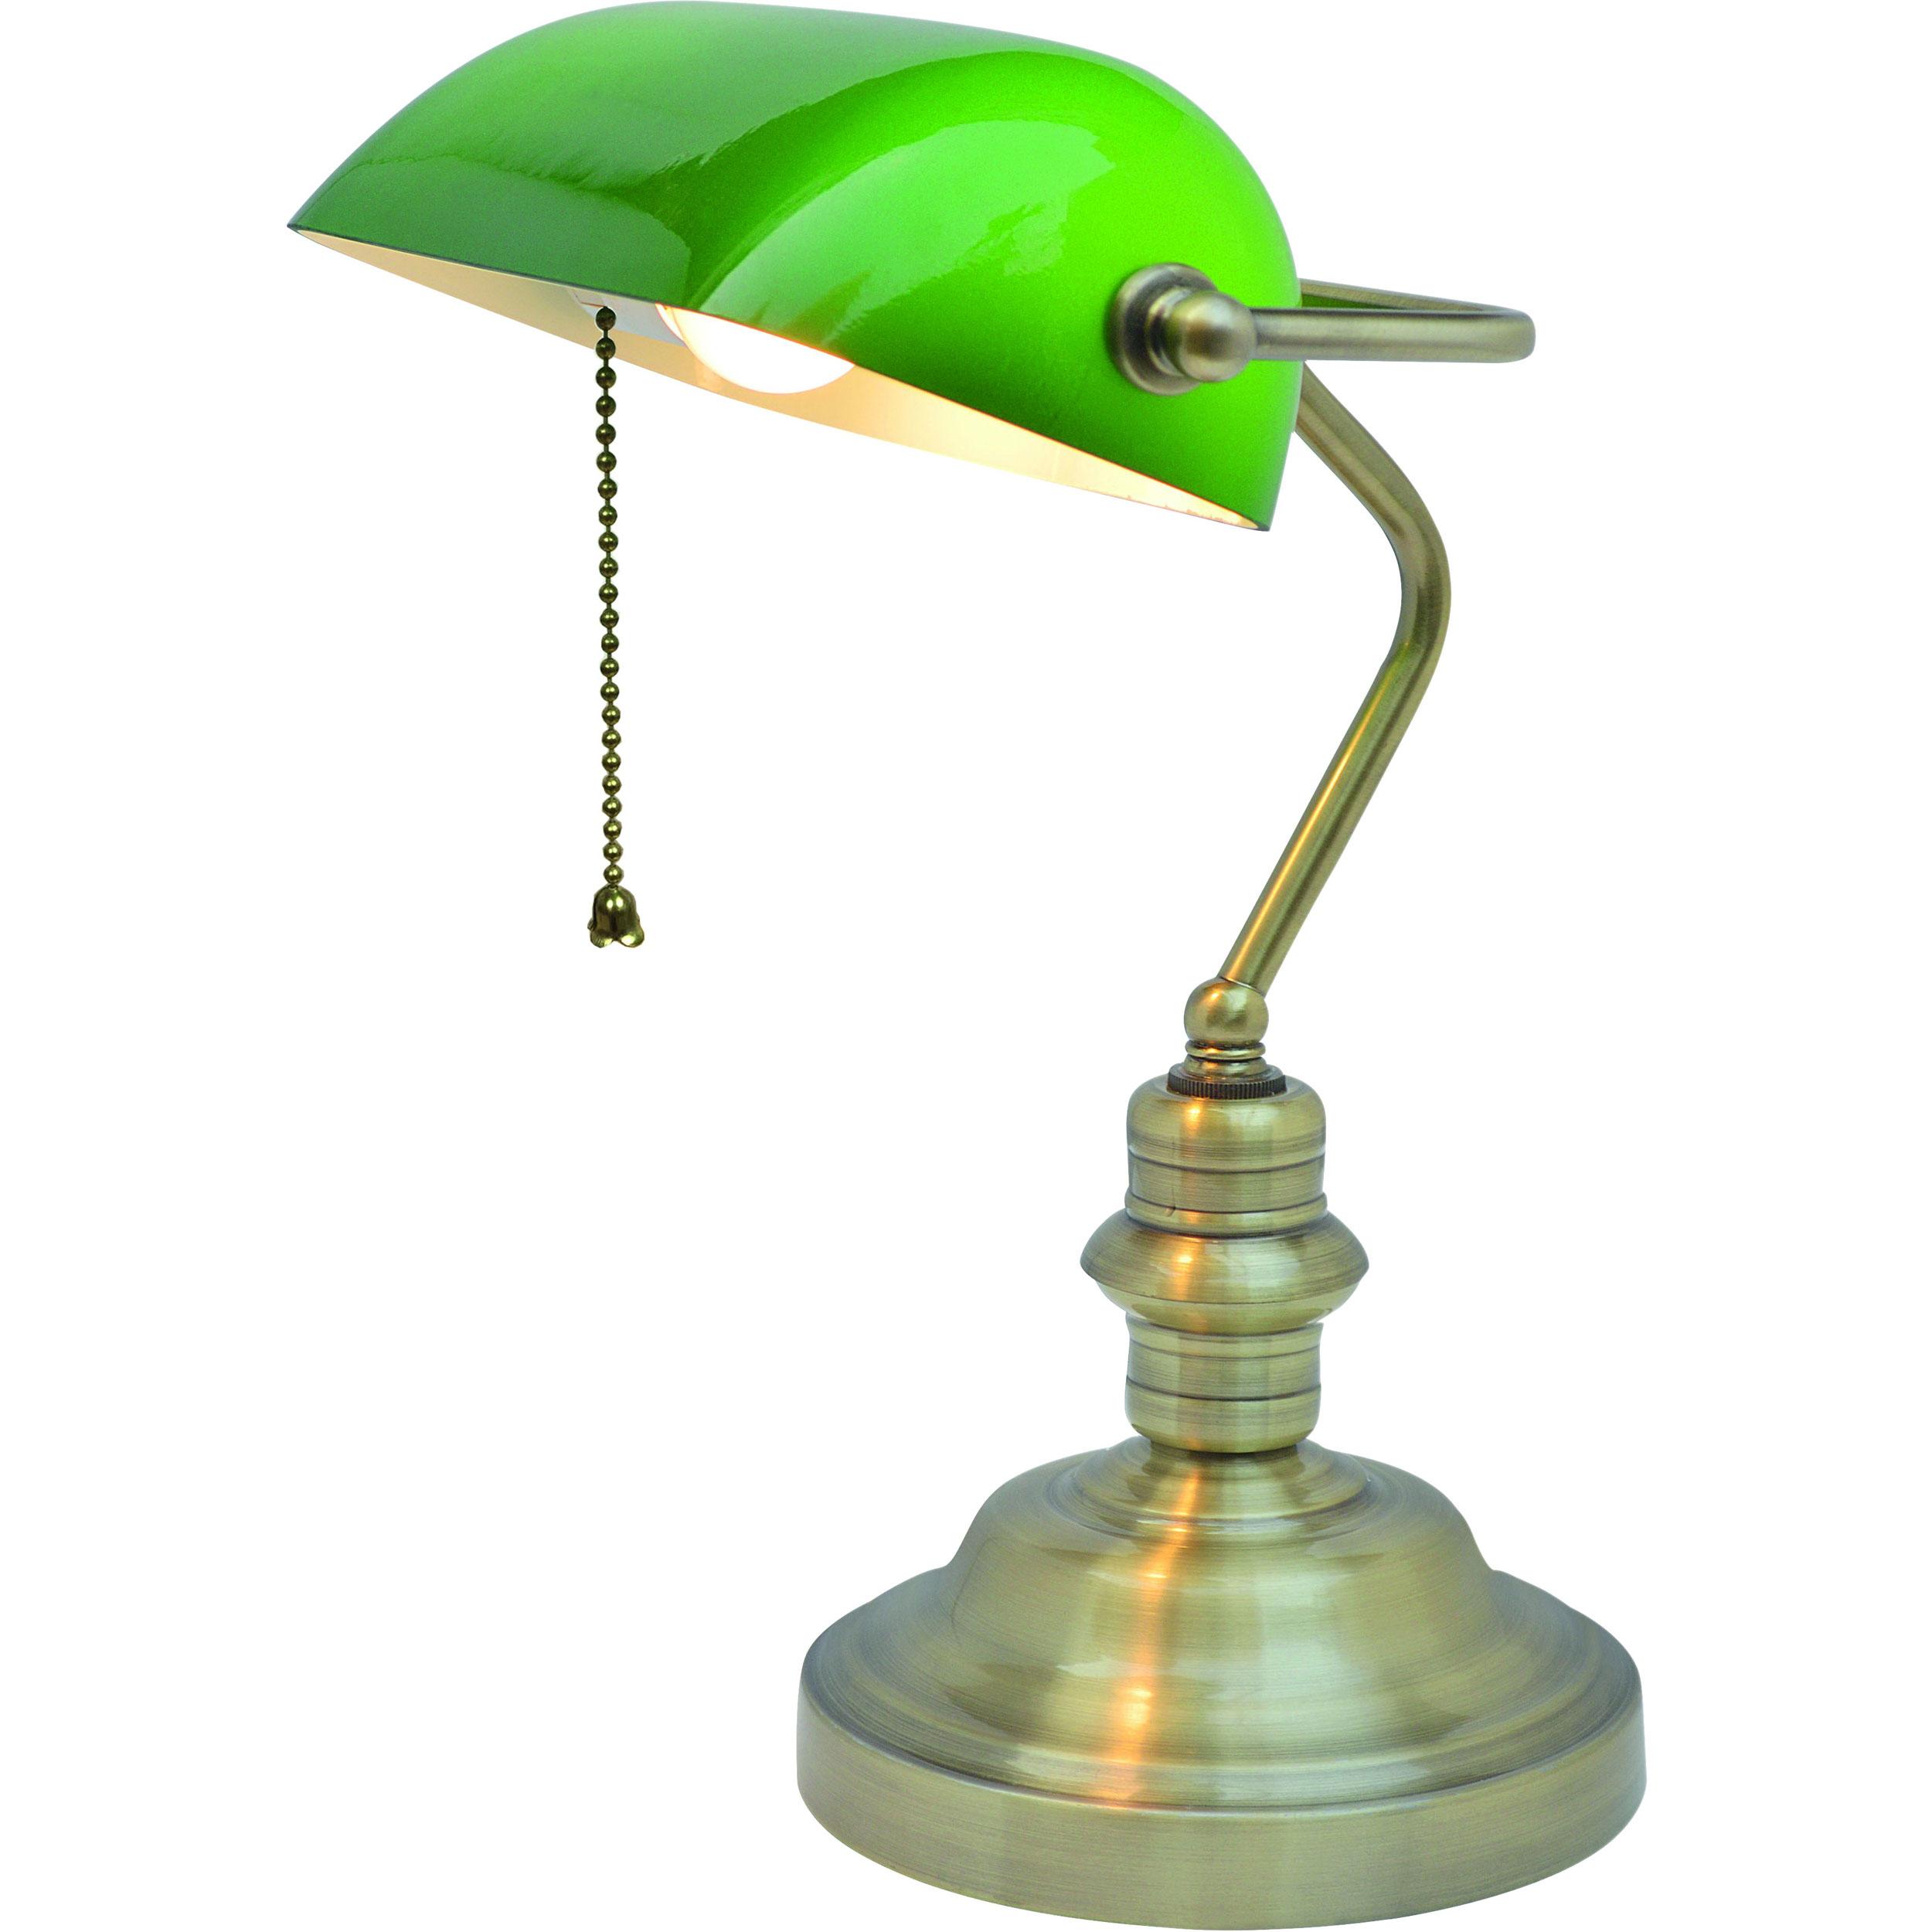 Лампы-лупы - купить Лампу-лупу в Москве, цены от компании